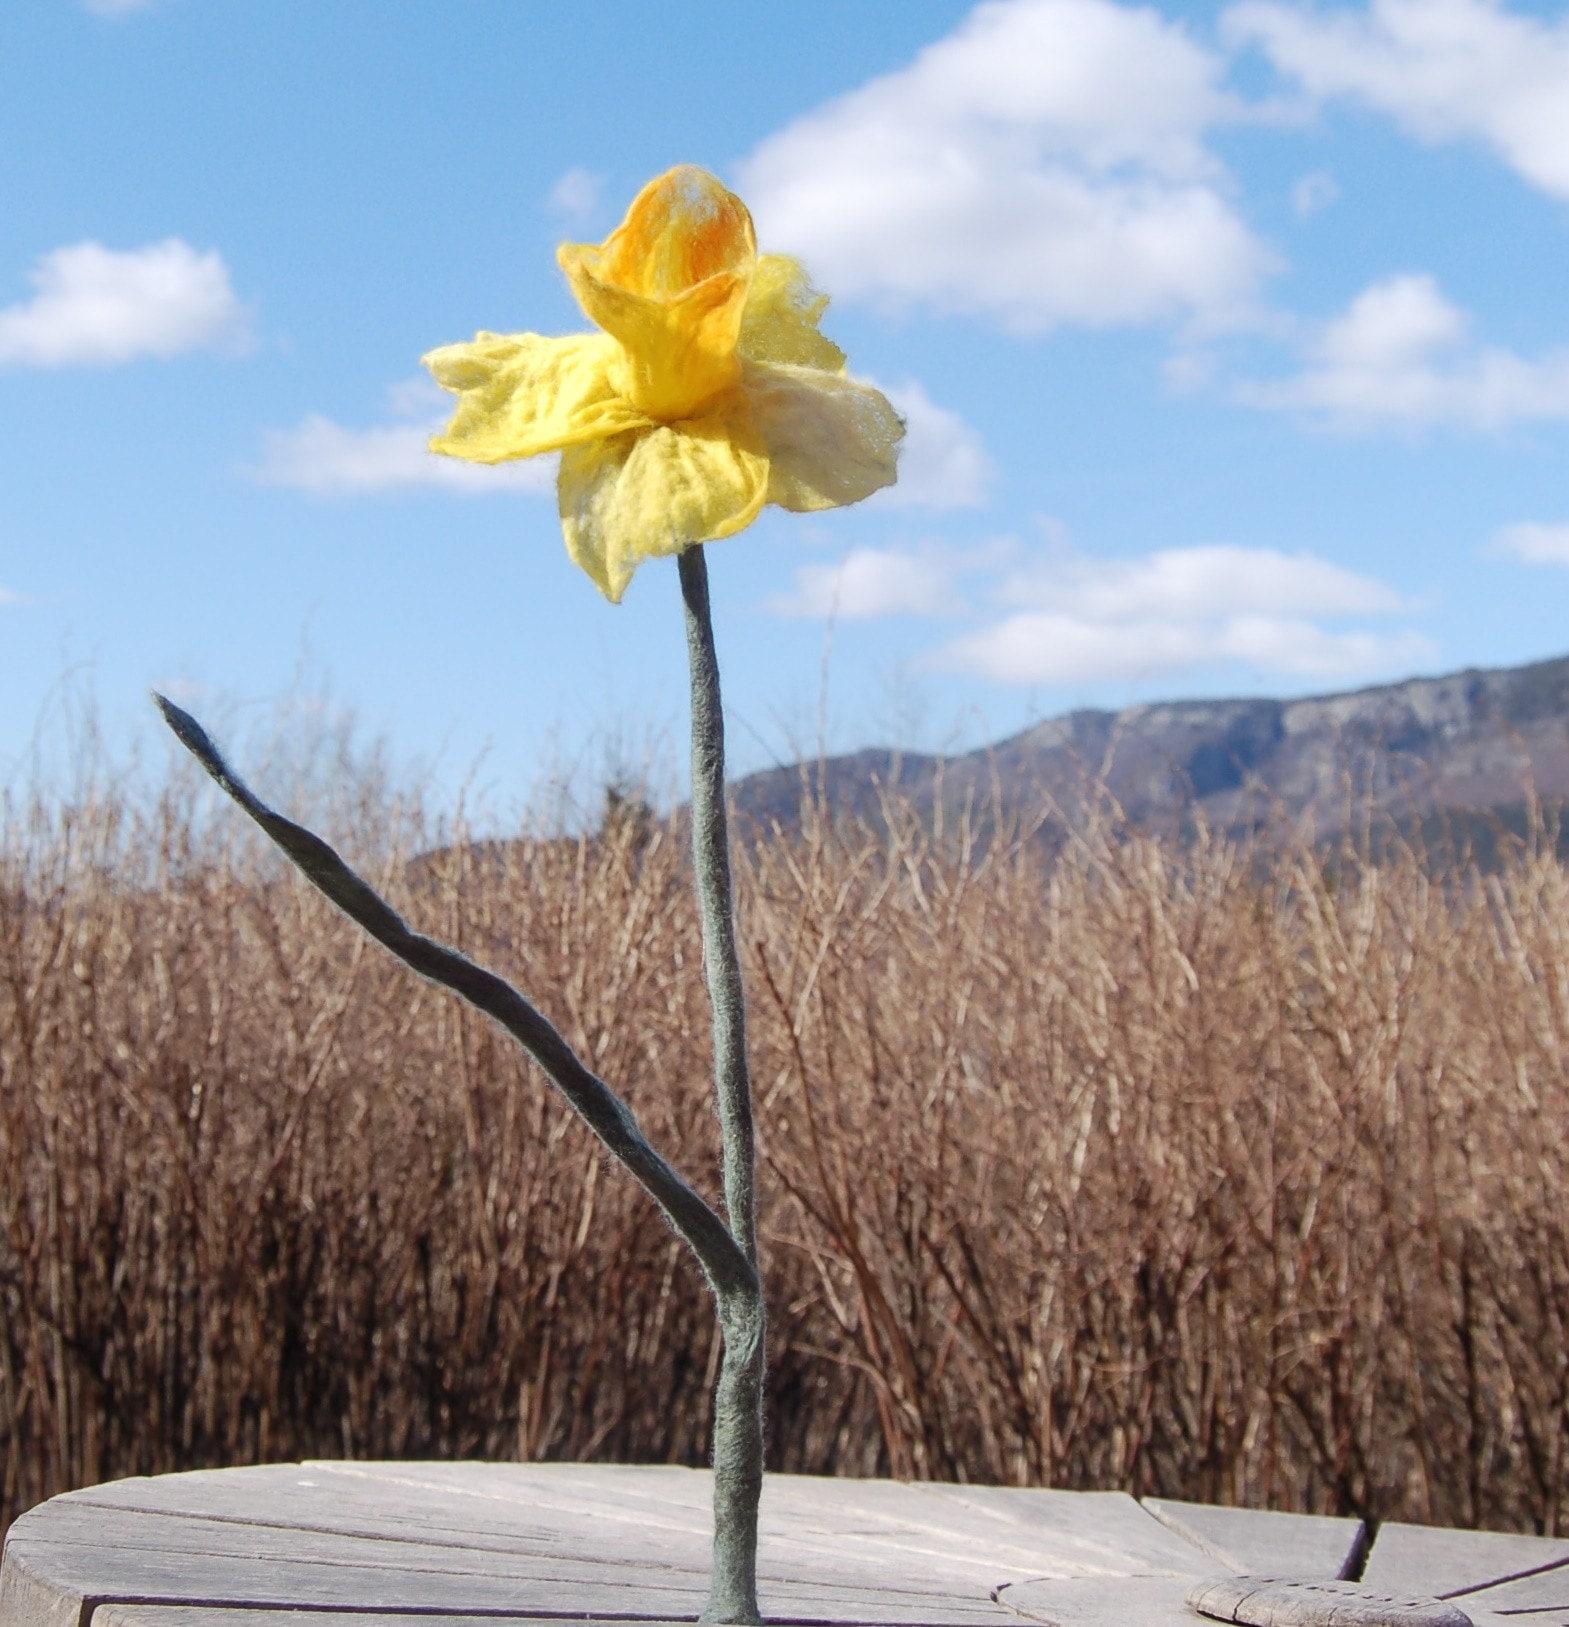 Daffodil felted flower